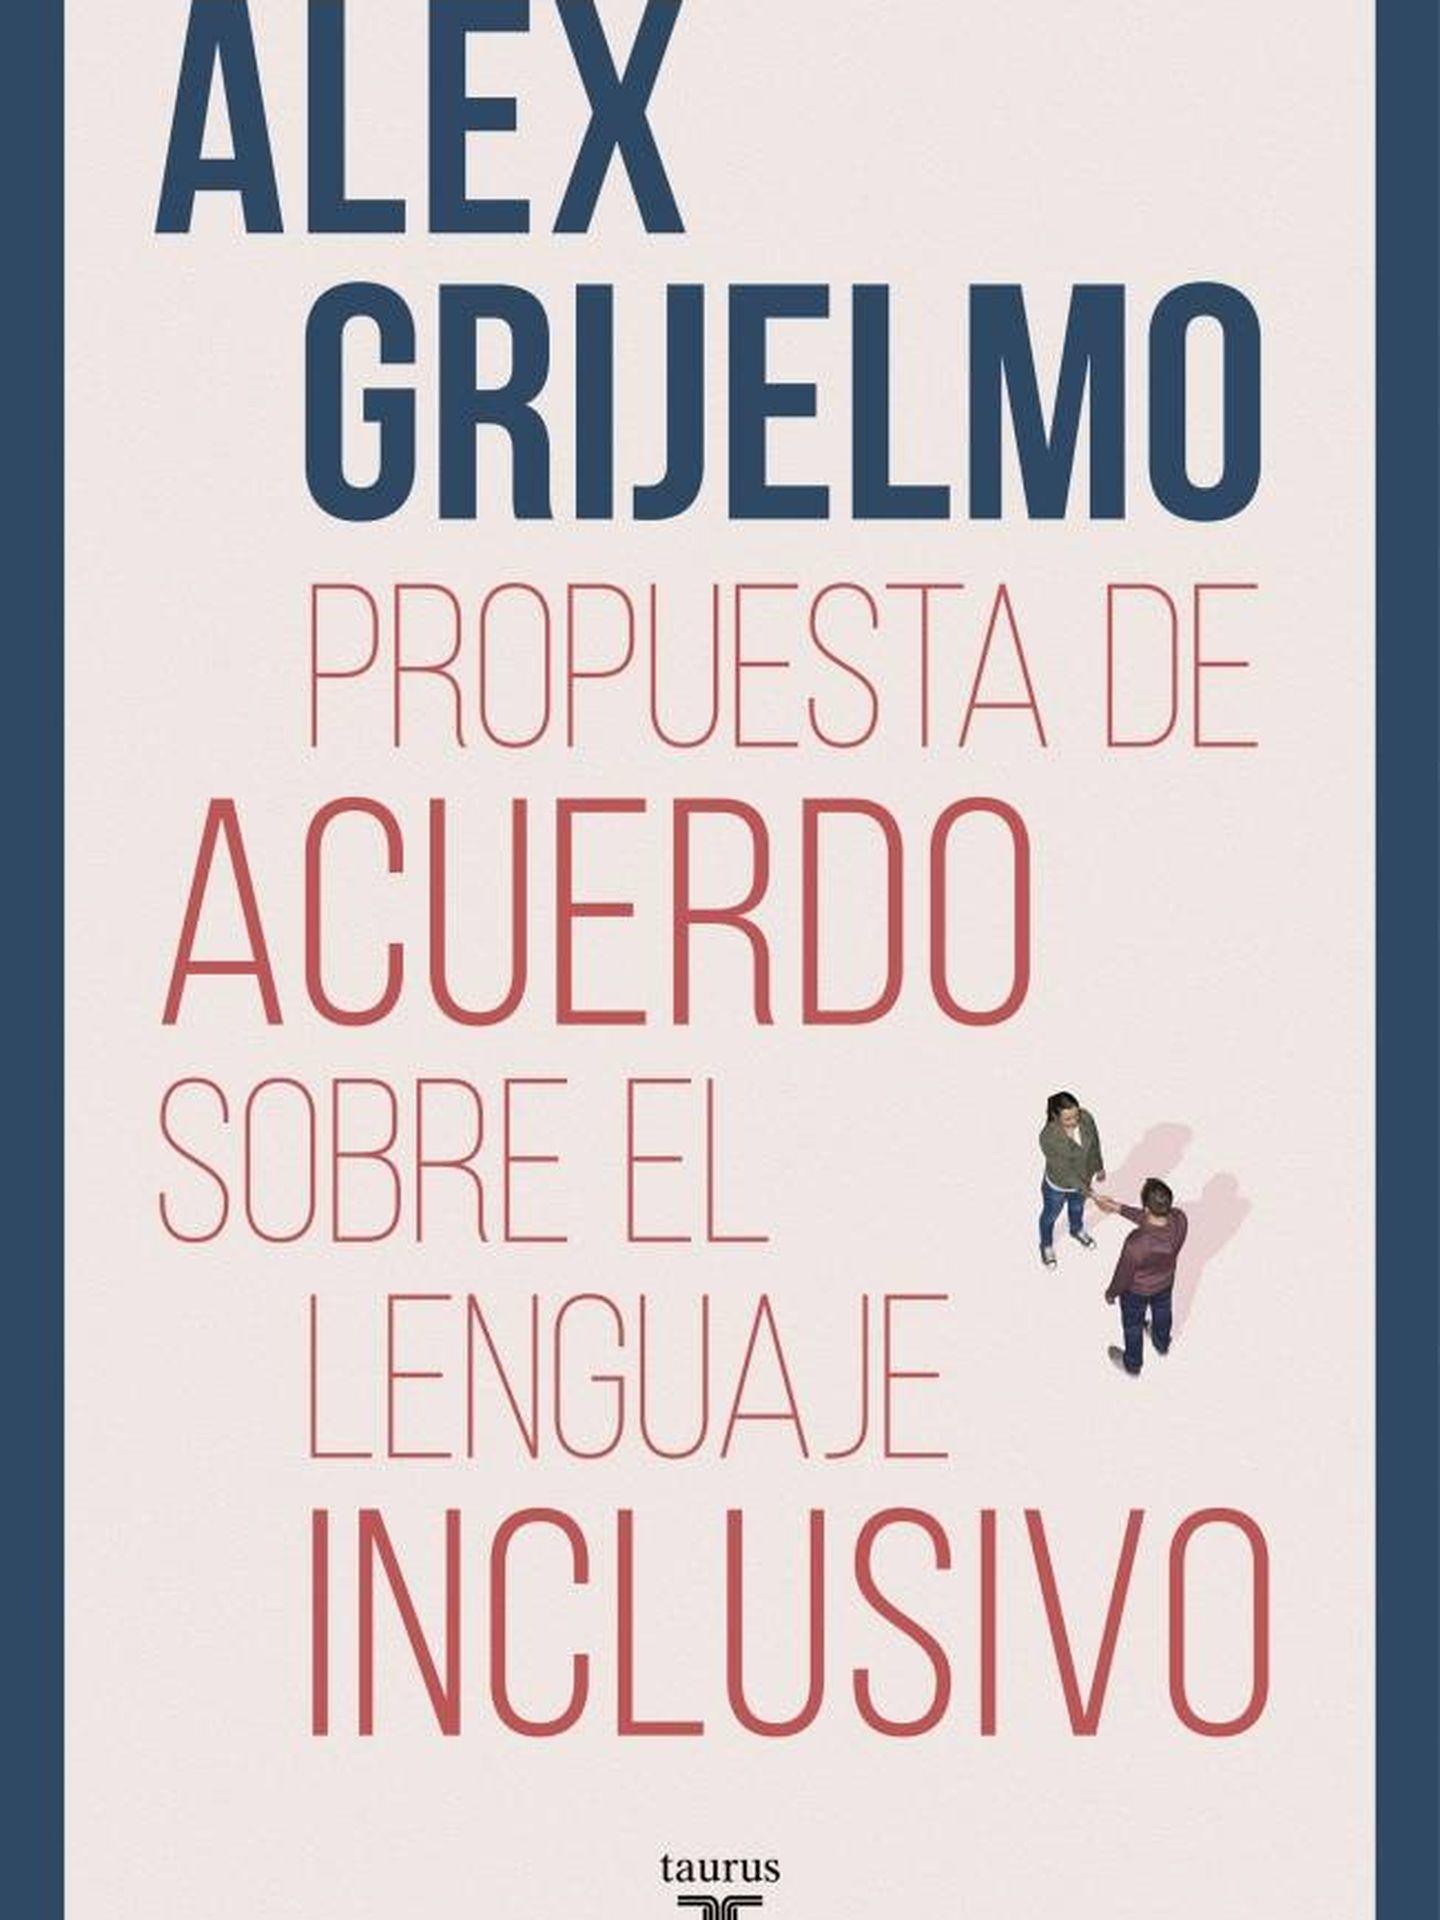 'Propuesta de acuerdo sobre el lenguaje inclusivo'